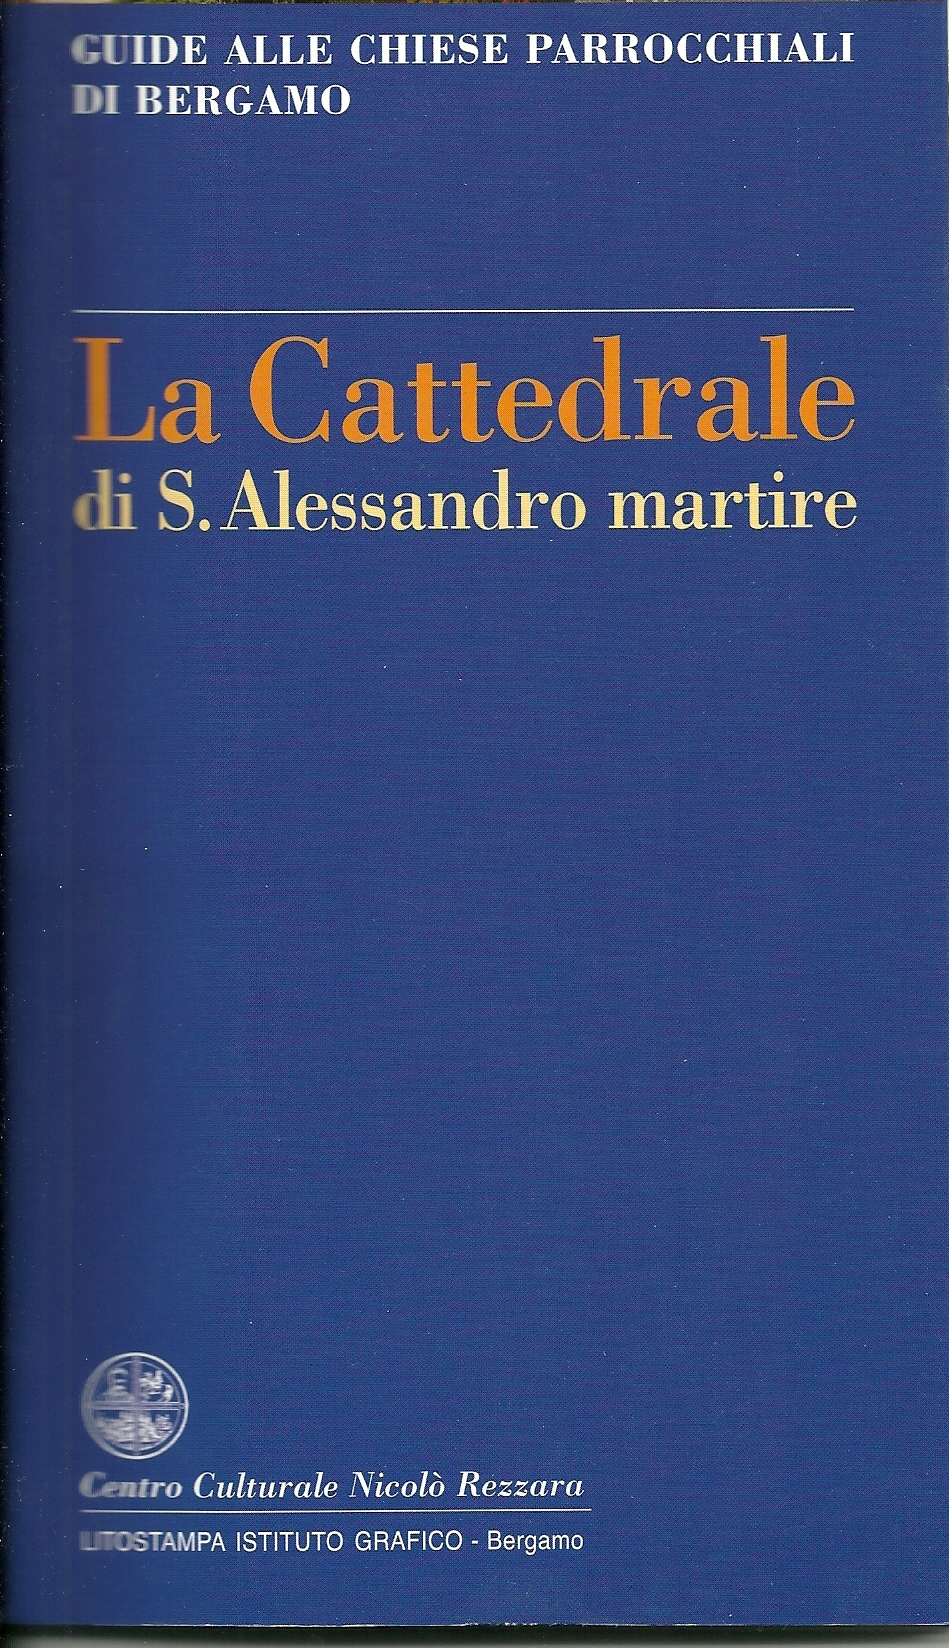 La Cattedrale di S. Alessandro martire